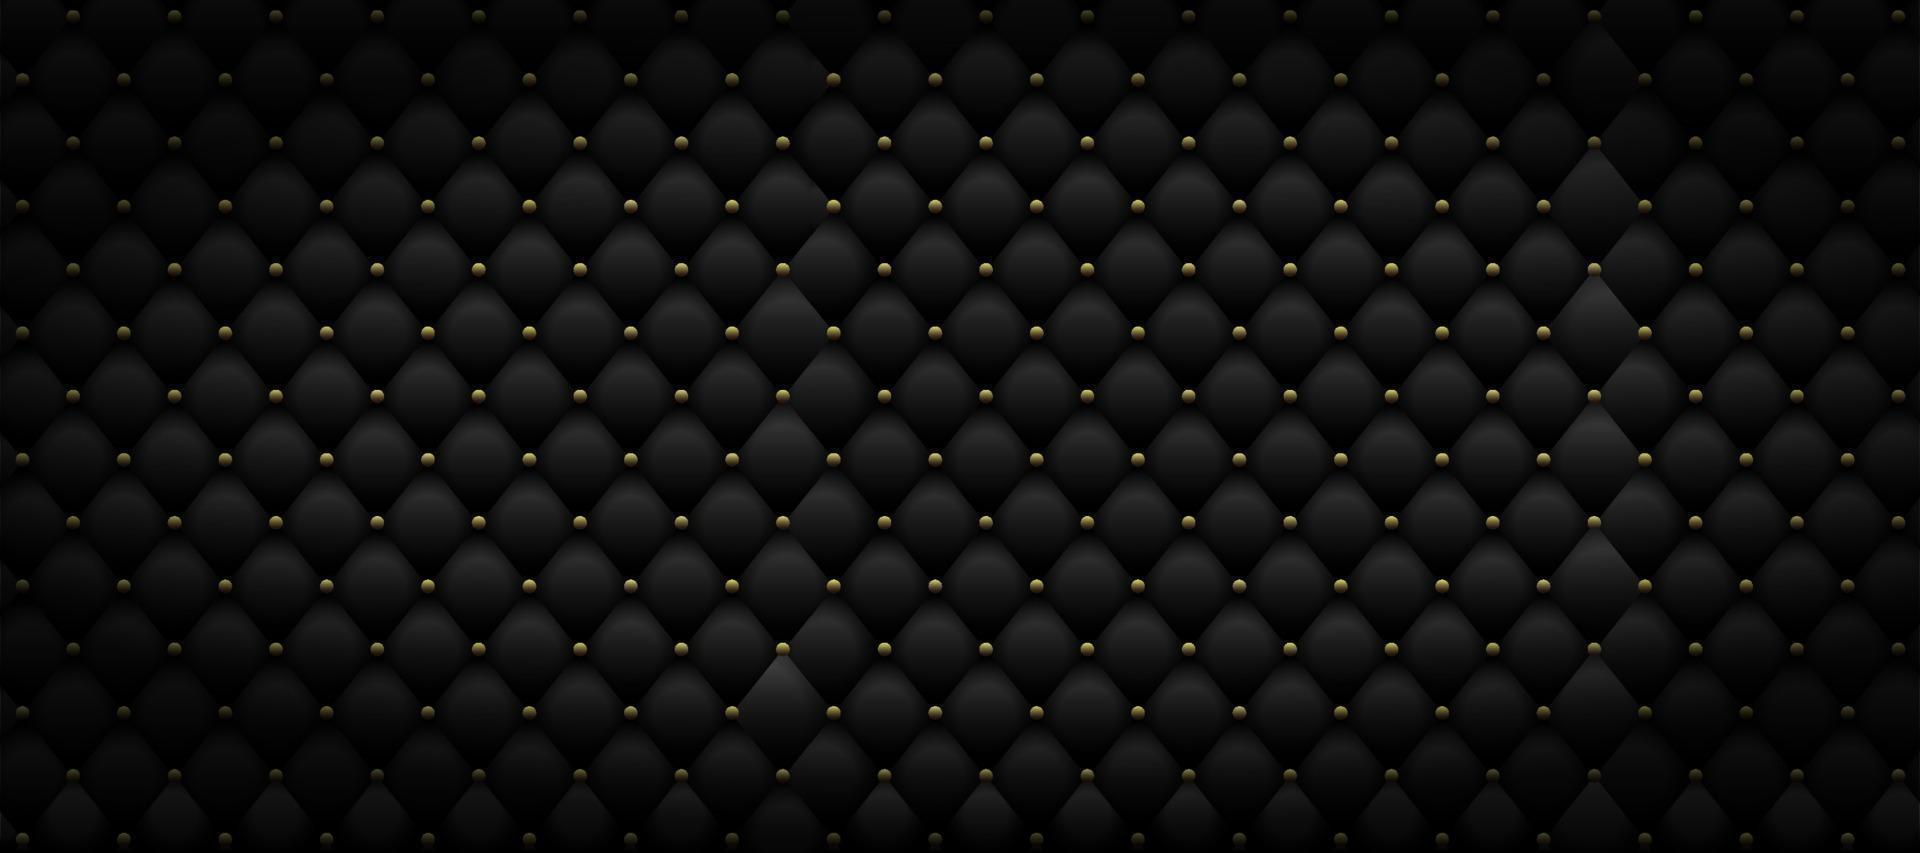 schwarzes Ledermuster mit goldenem Metall. Luxus Hintergrund. Vektorillustration vektor